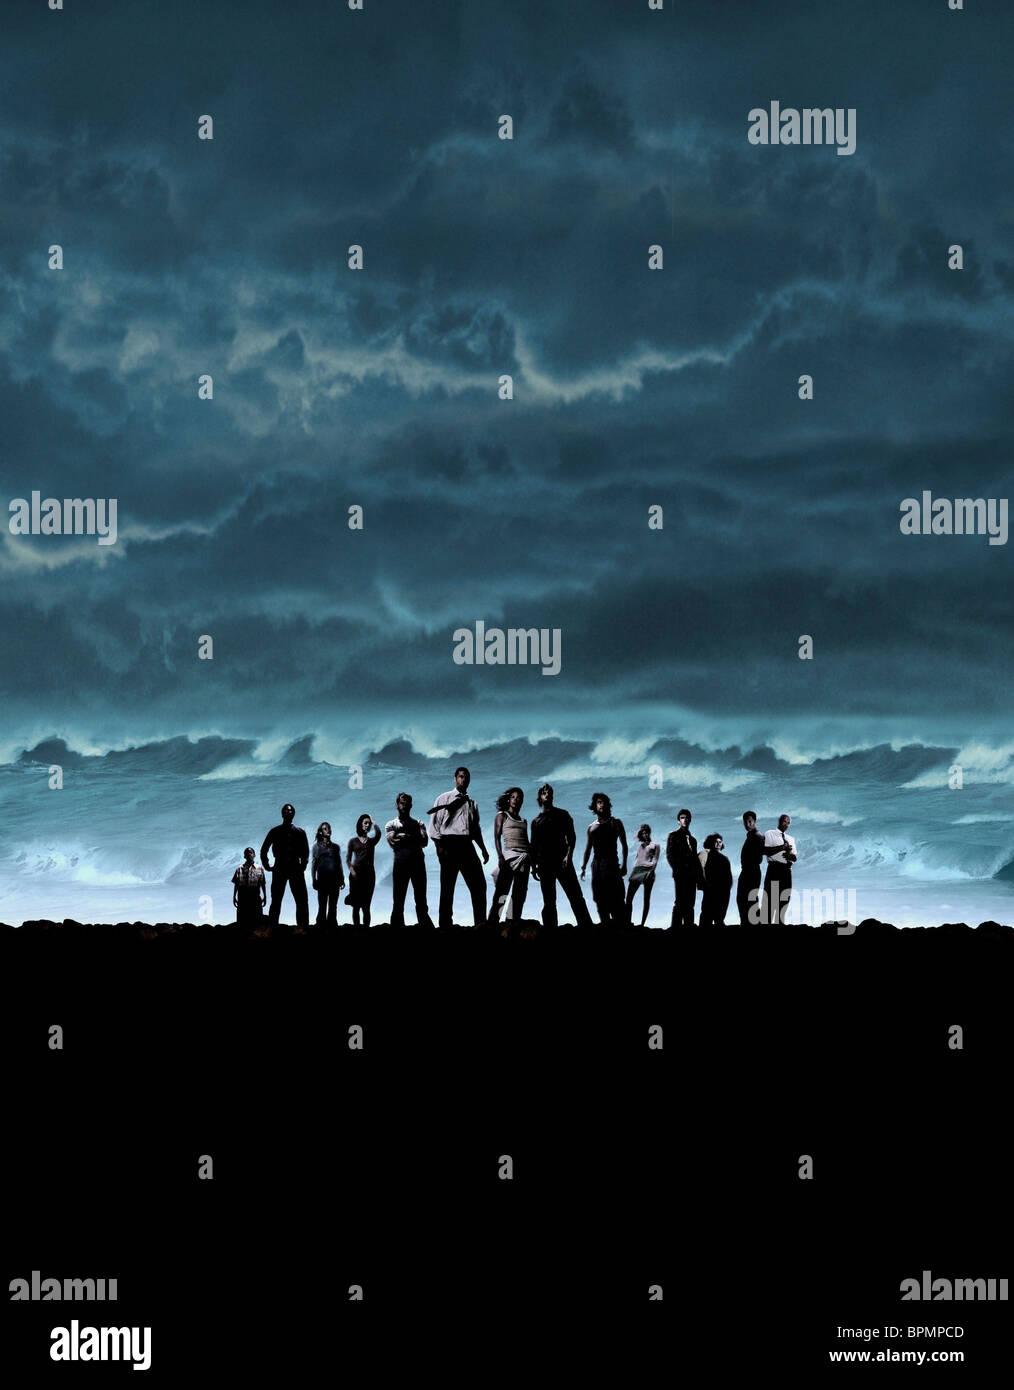 PLANE CRASH SURVIVORS LOST : SEASON 1 (2004) - Stock Image